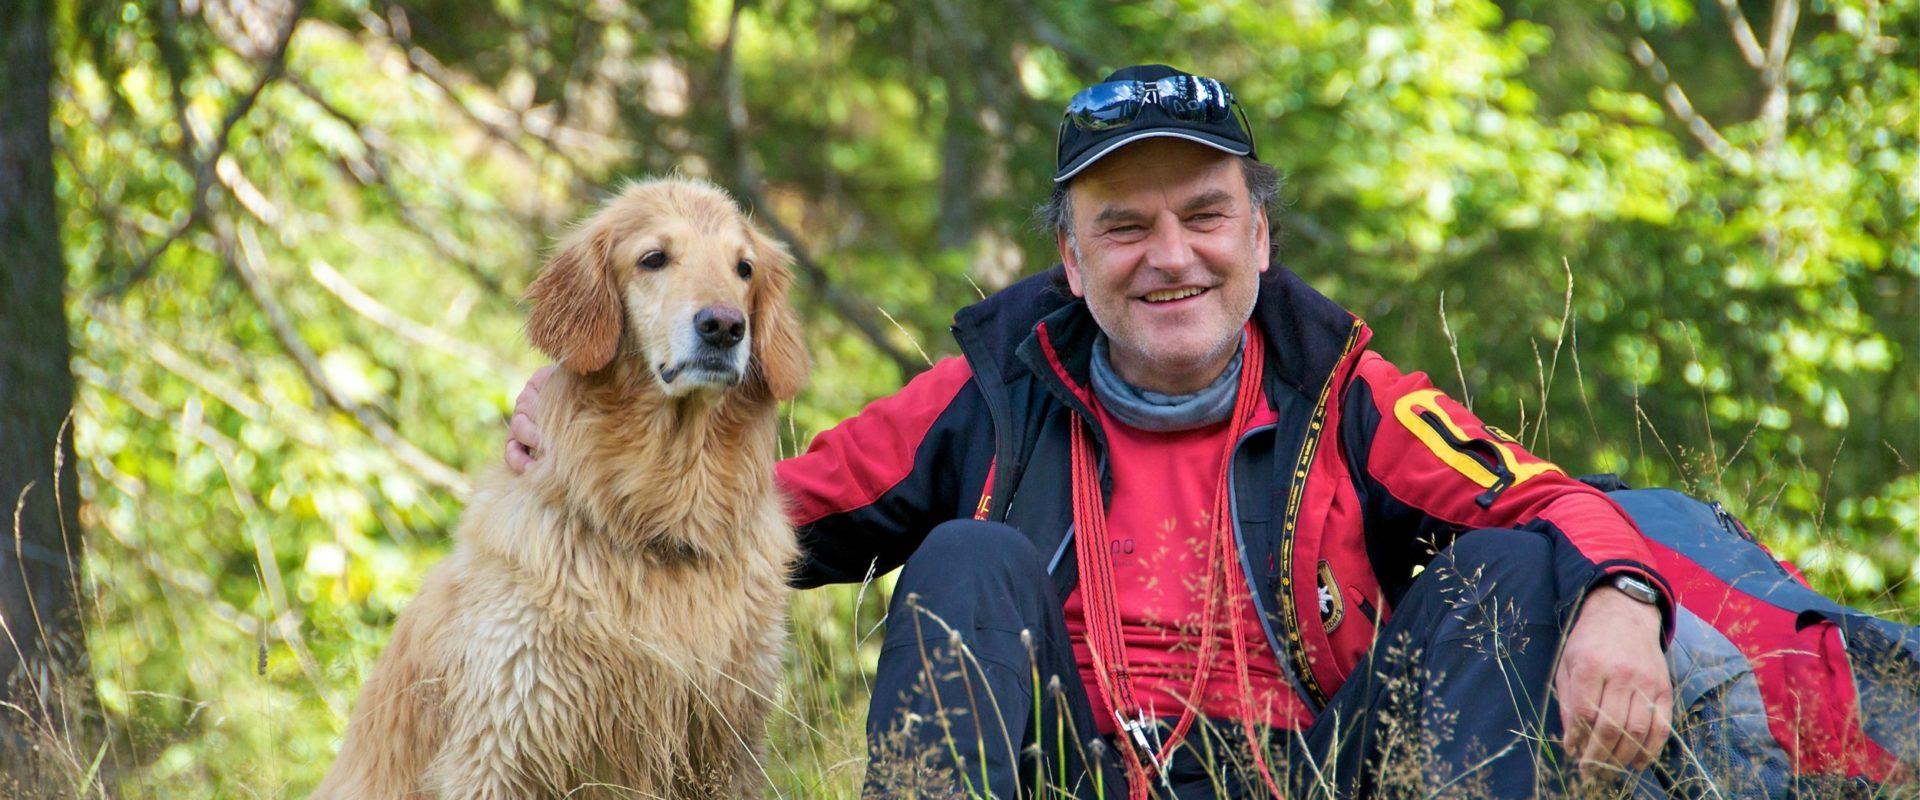 Wandern mit Hund © Thomas Bauer / Lexlupo